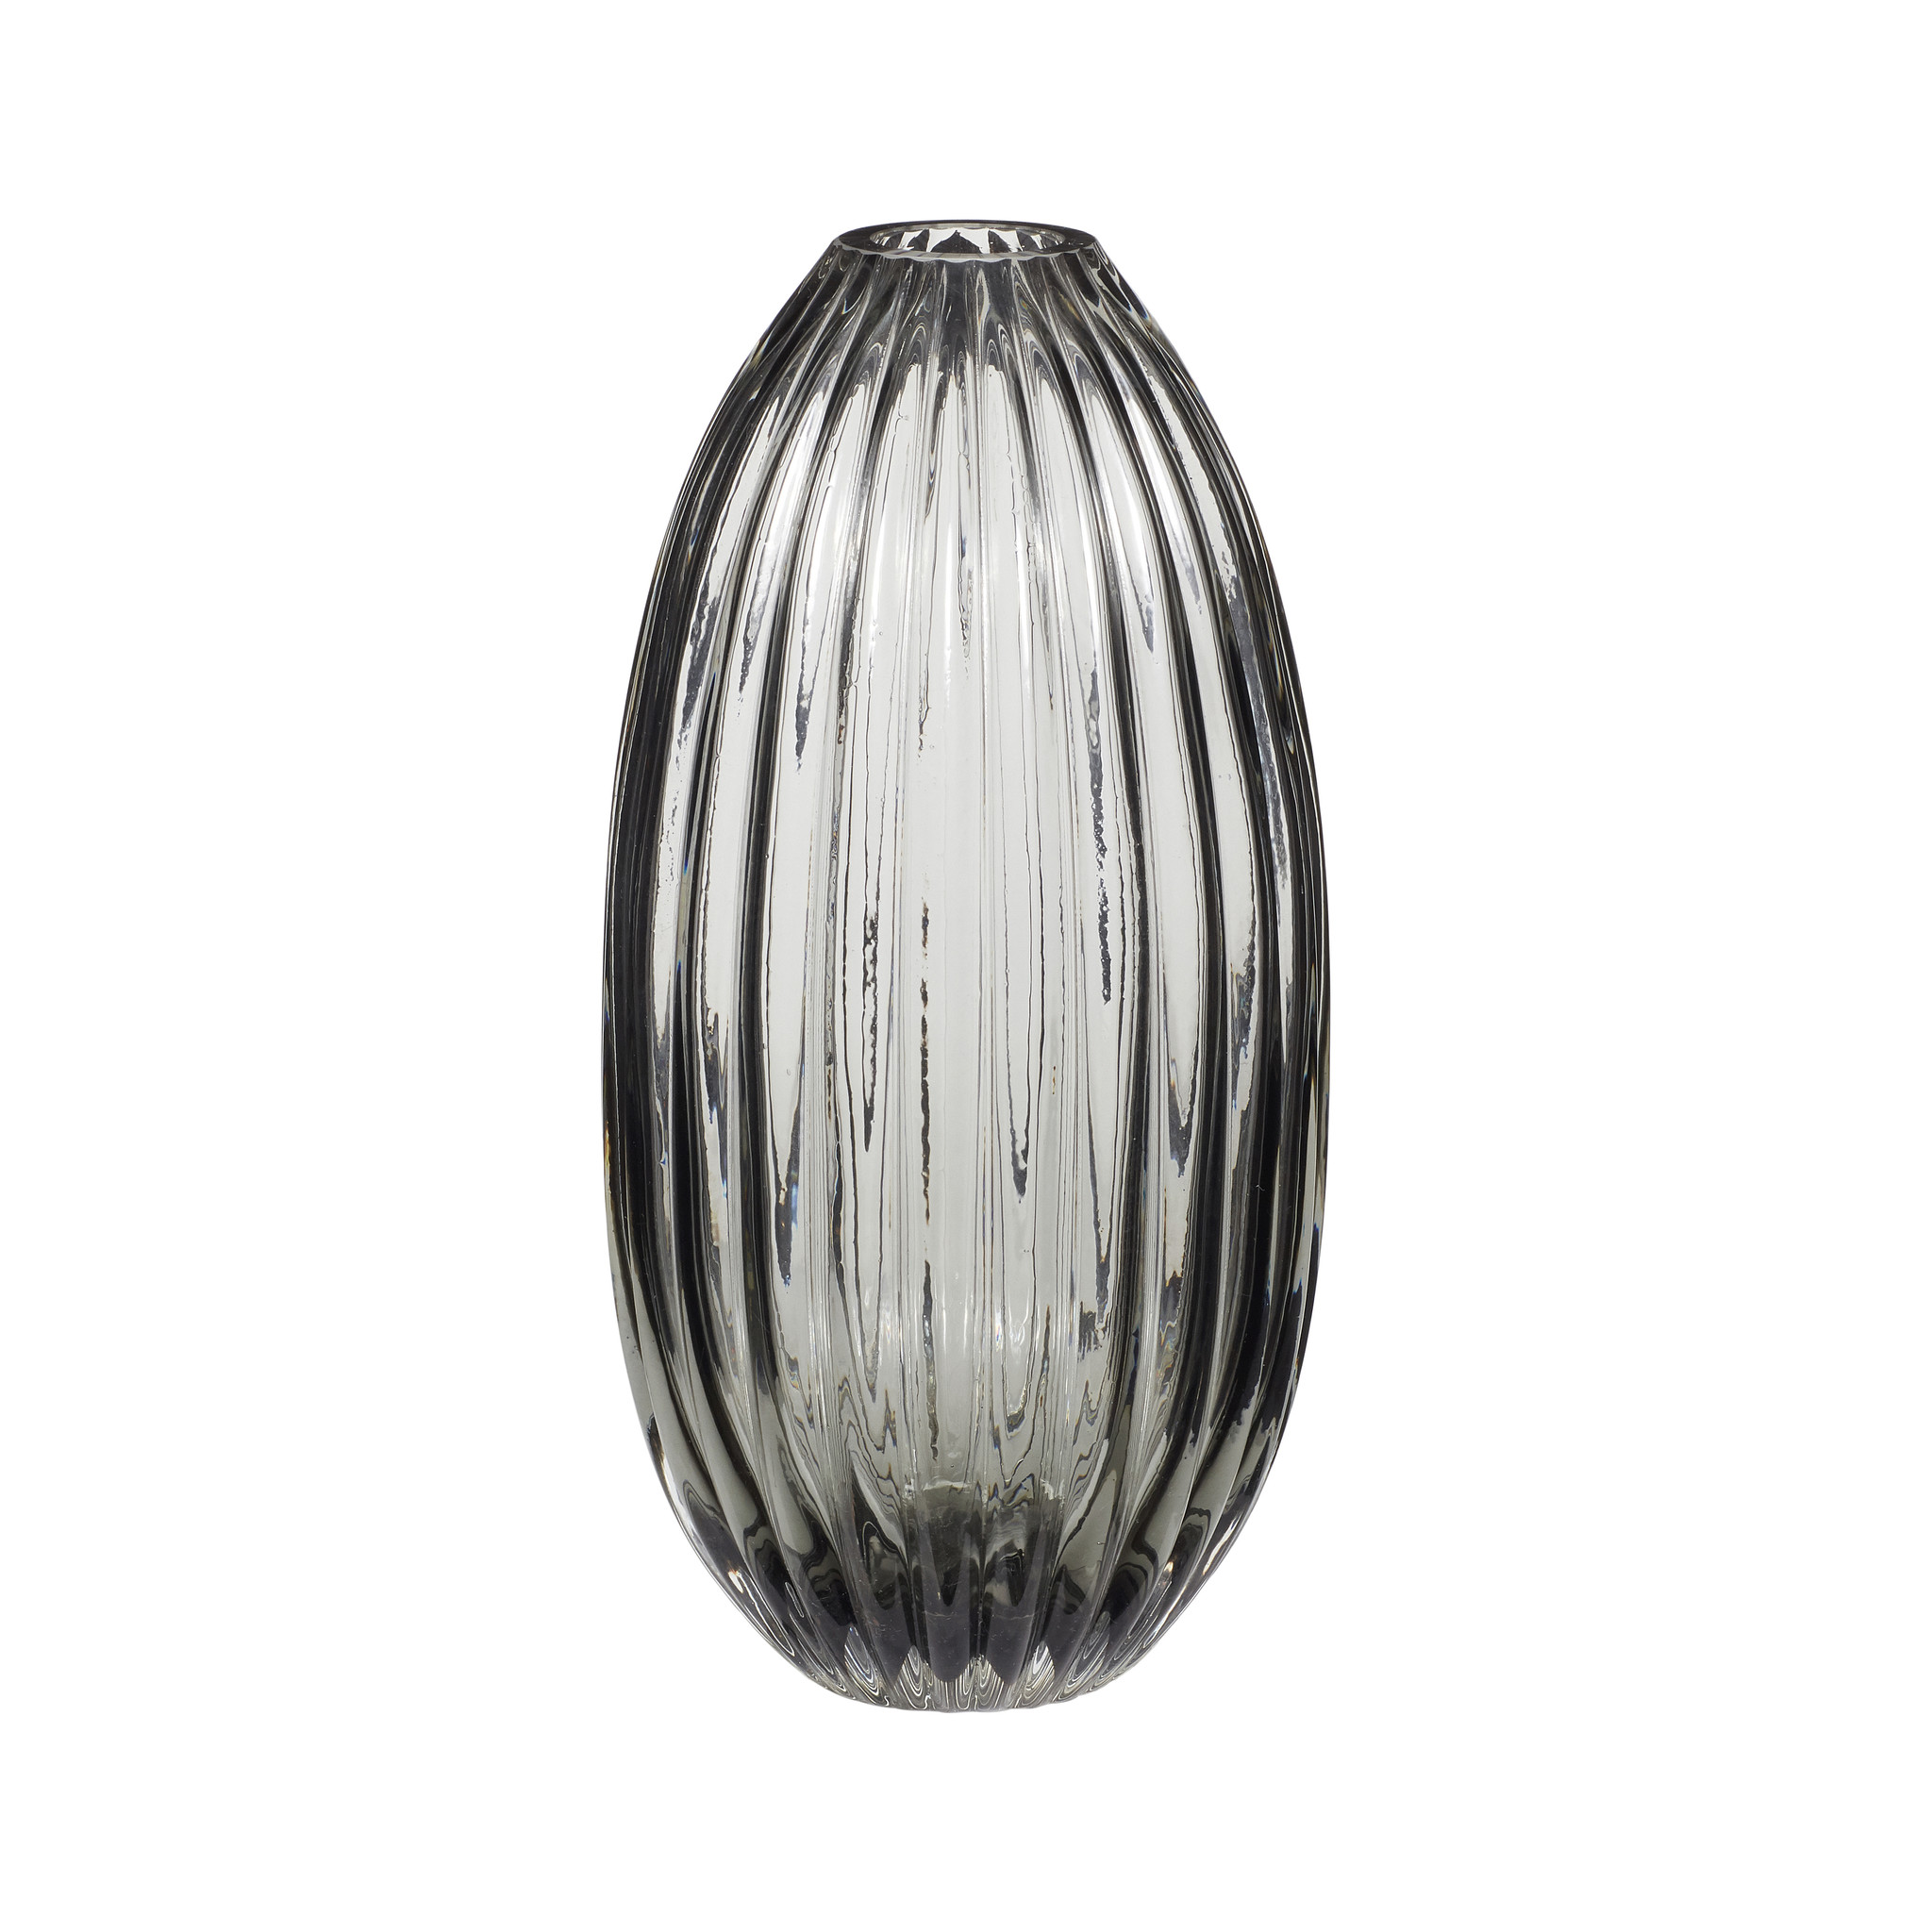 Hubsch Vaas, glas, gerookt-280609-5712772064641